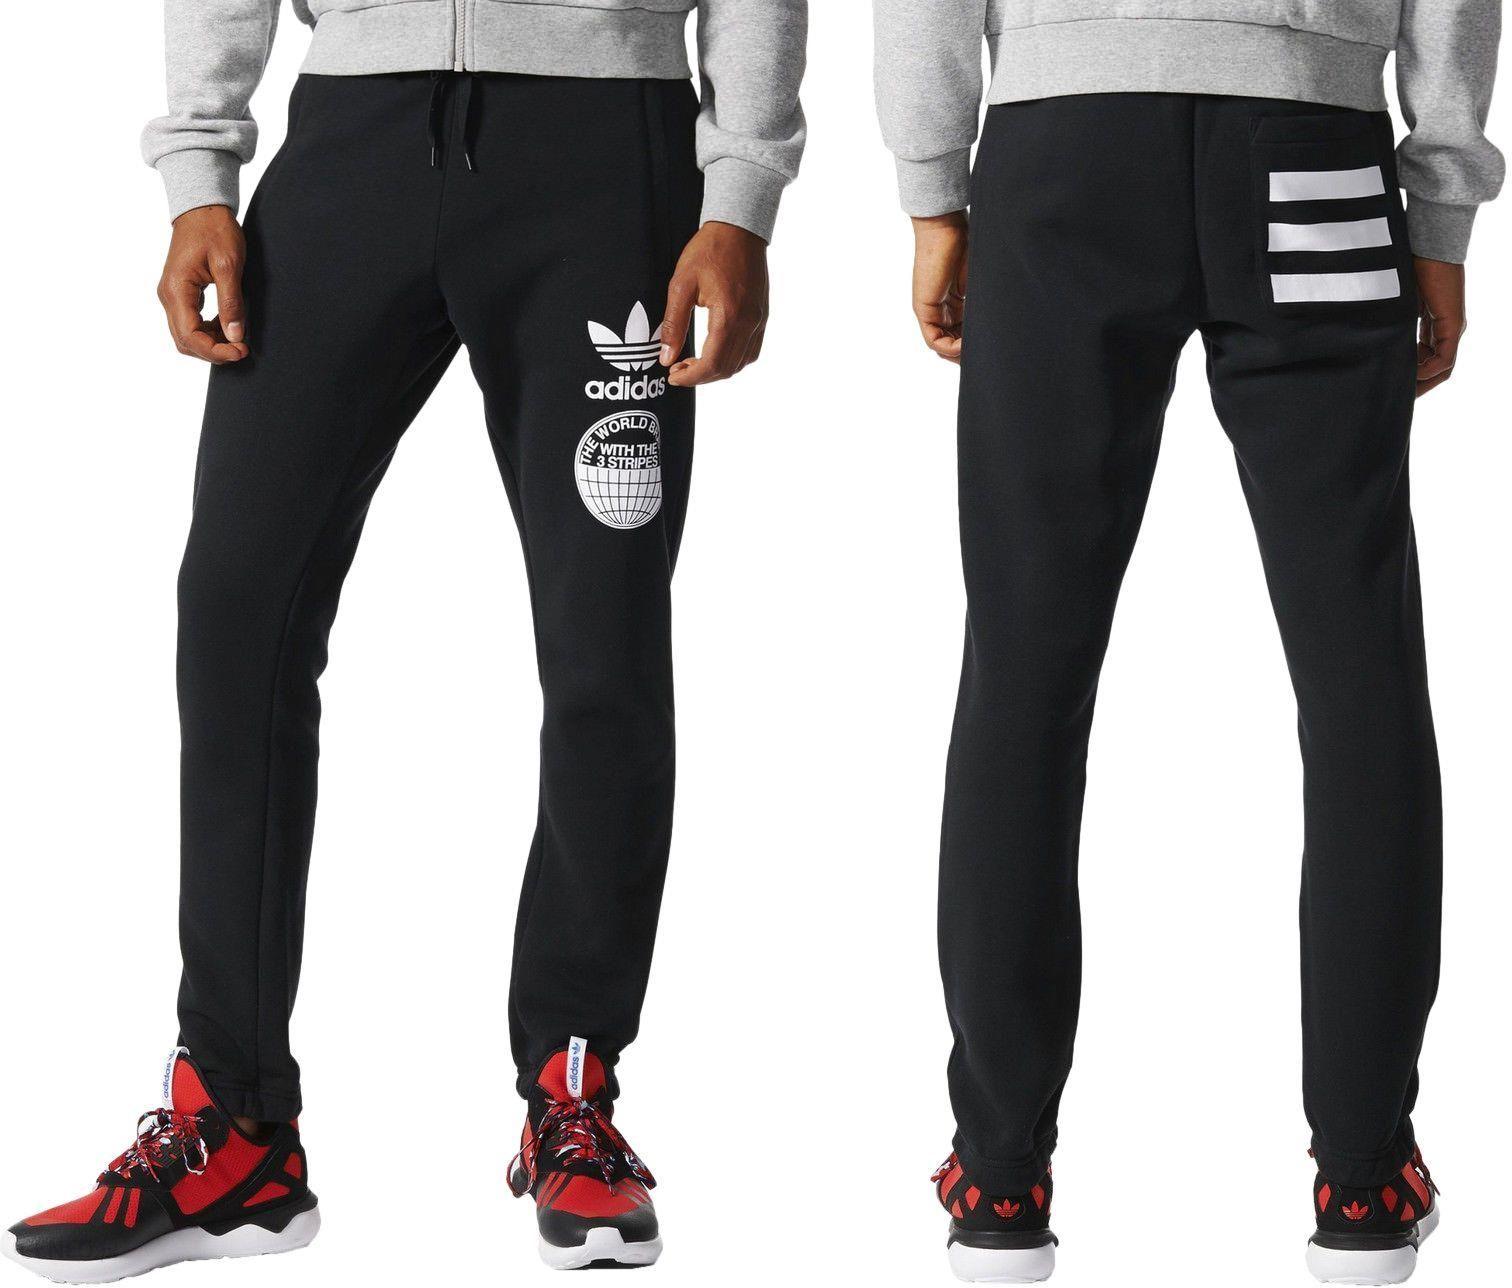 b3ea893884b Adidas Originals Spodnie Dresowe Dresy Męskie Xs - Ceny i opinie ...